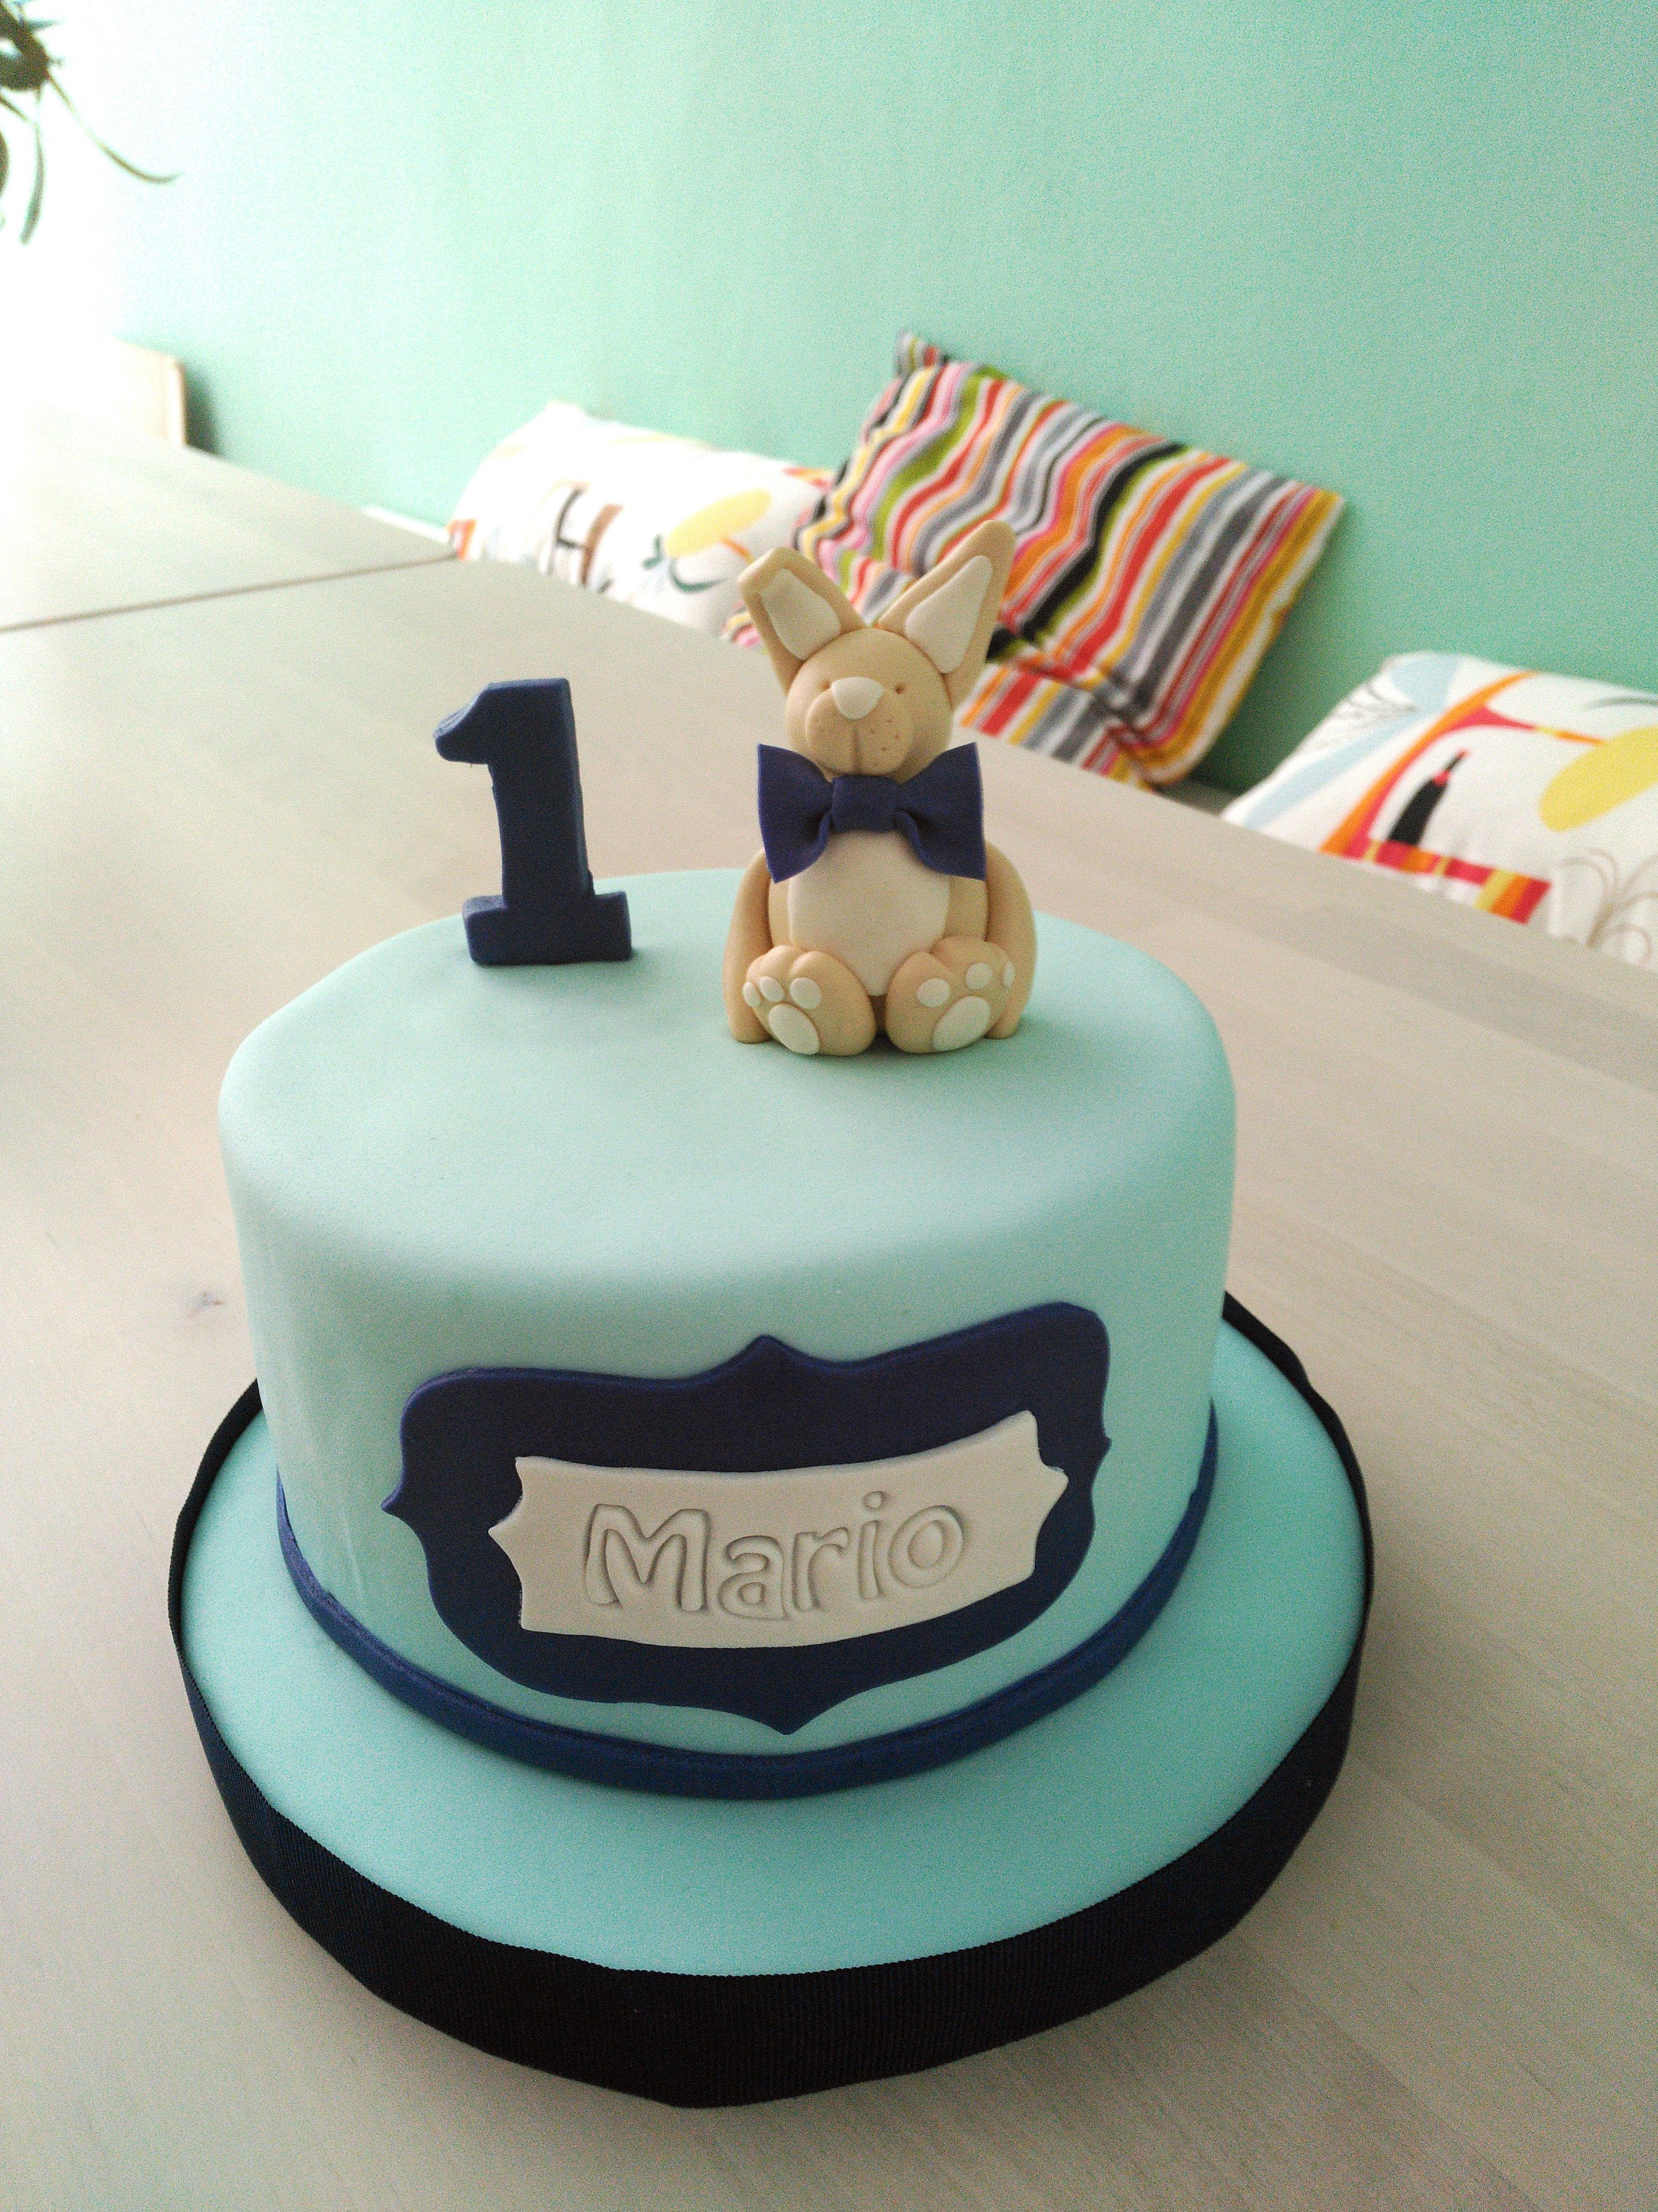 Tartas de cumpleaños personalizadas en Fraga, Huesca